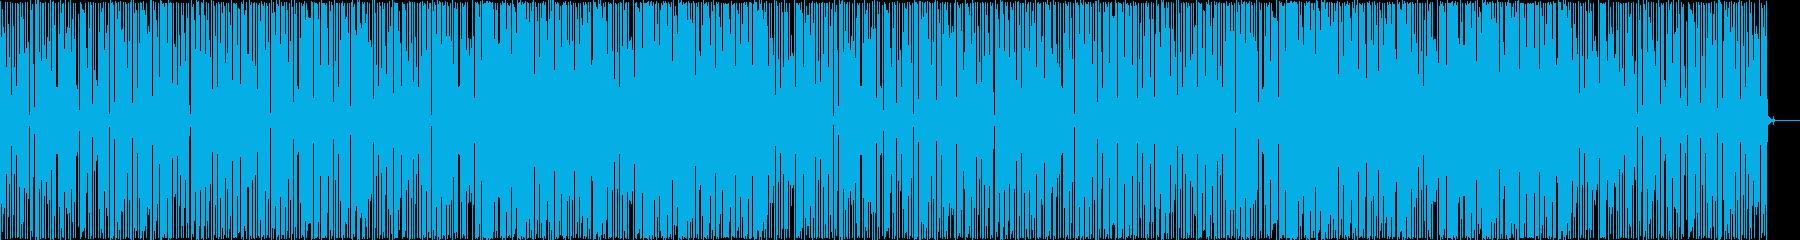 かっこいい、ファンク、スラップベースの再生済みの波形